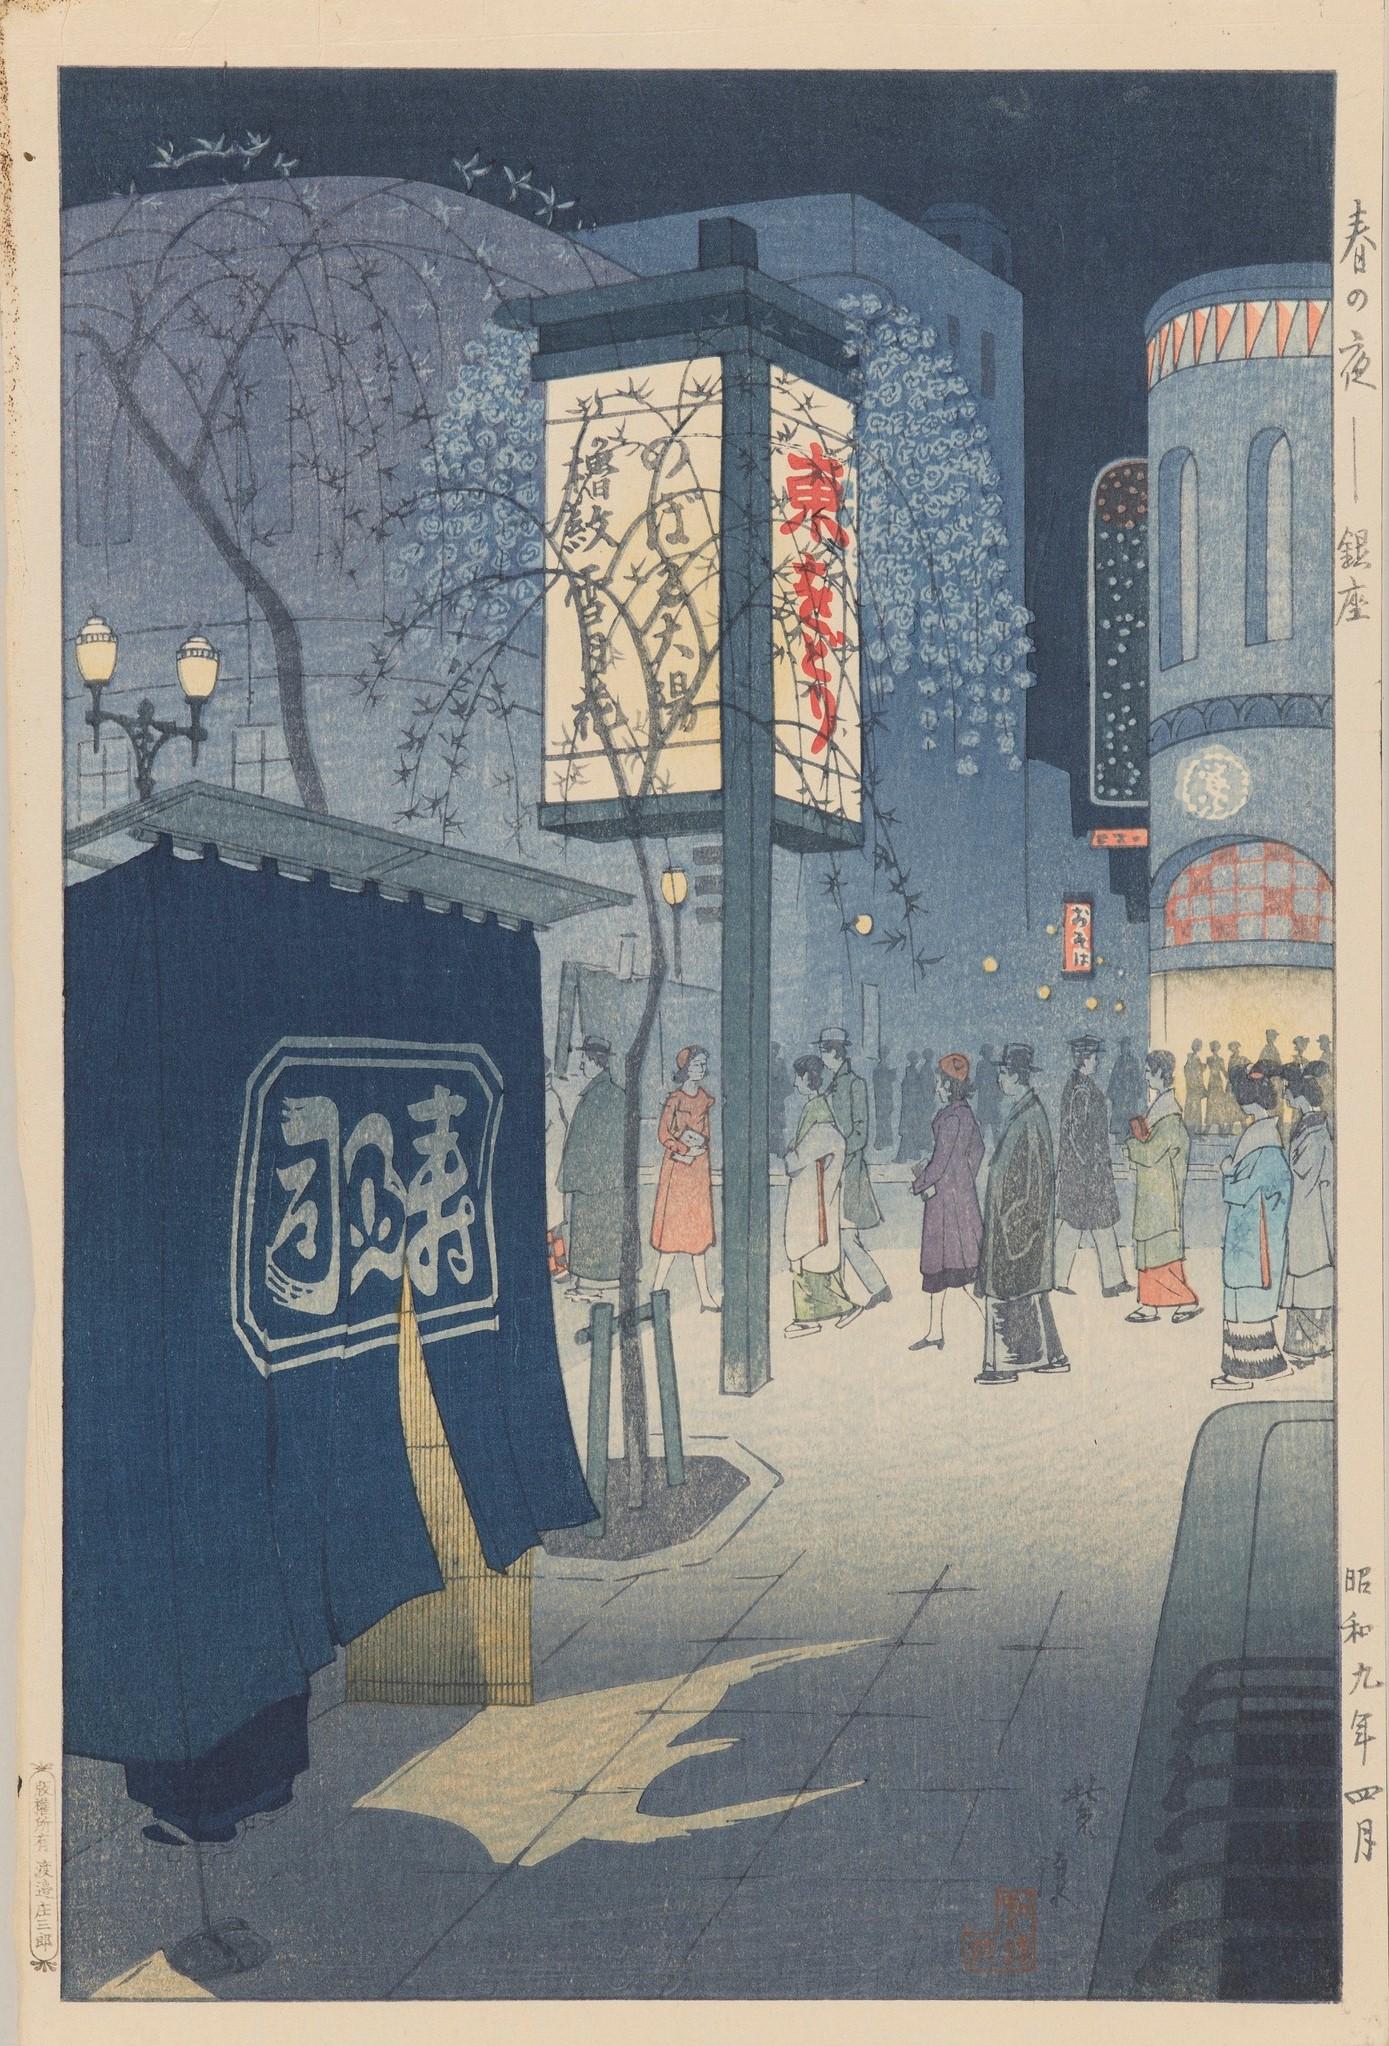 笠松紫浪 《春の夜—銀座》(渡邊木版美術画舗蔵)前期